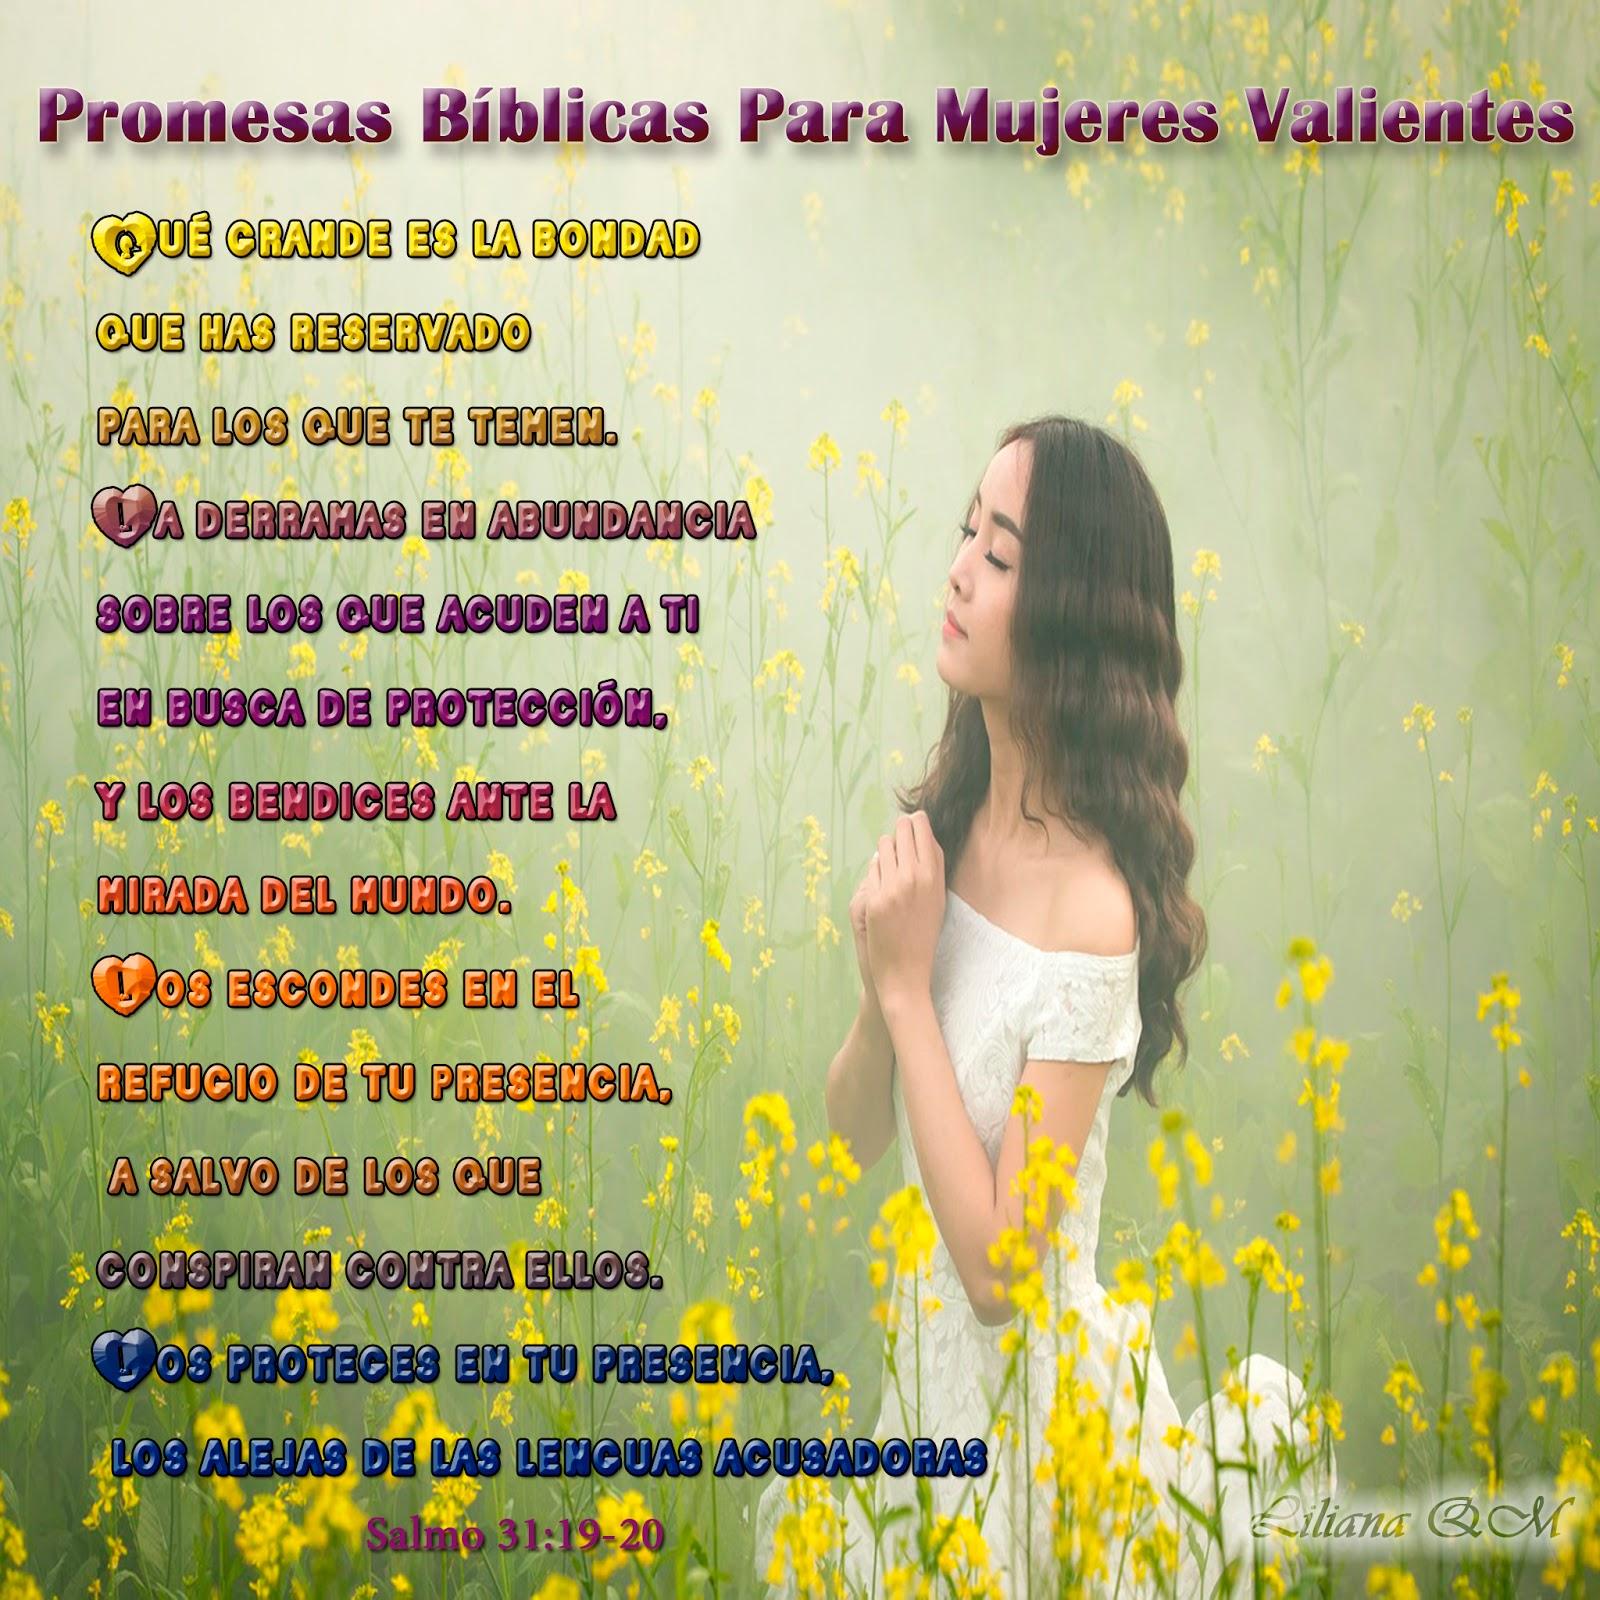 Versiculos Biblicos De Promesas De Dios: Las PROMESAS DE DIOS Para Mujeres Esforzadas Y Valientes